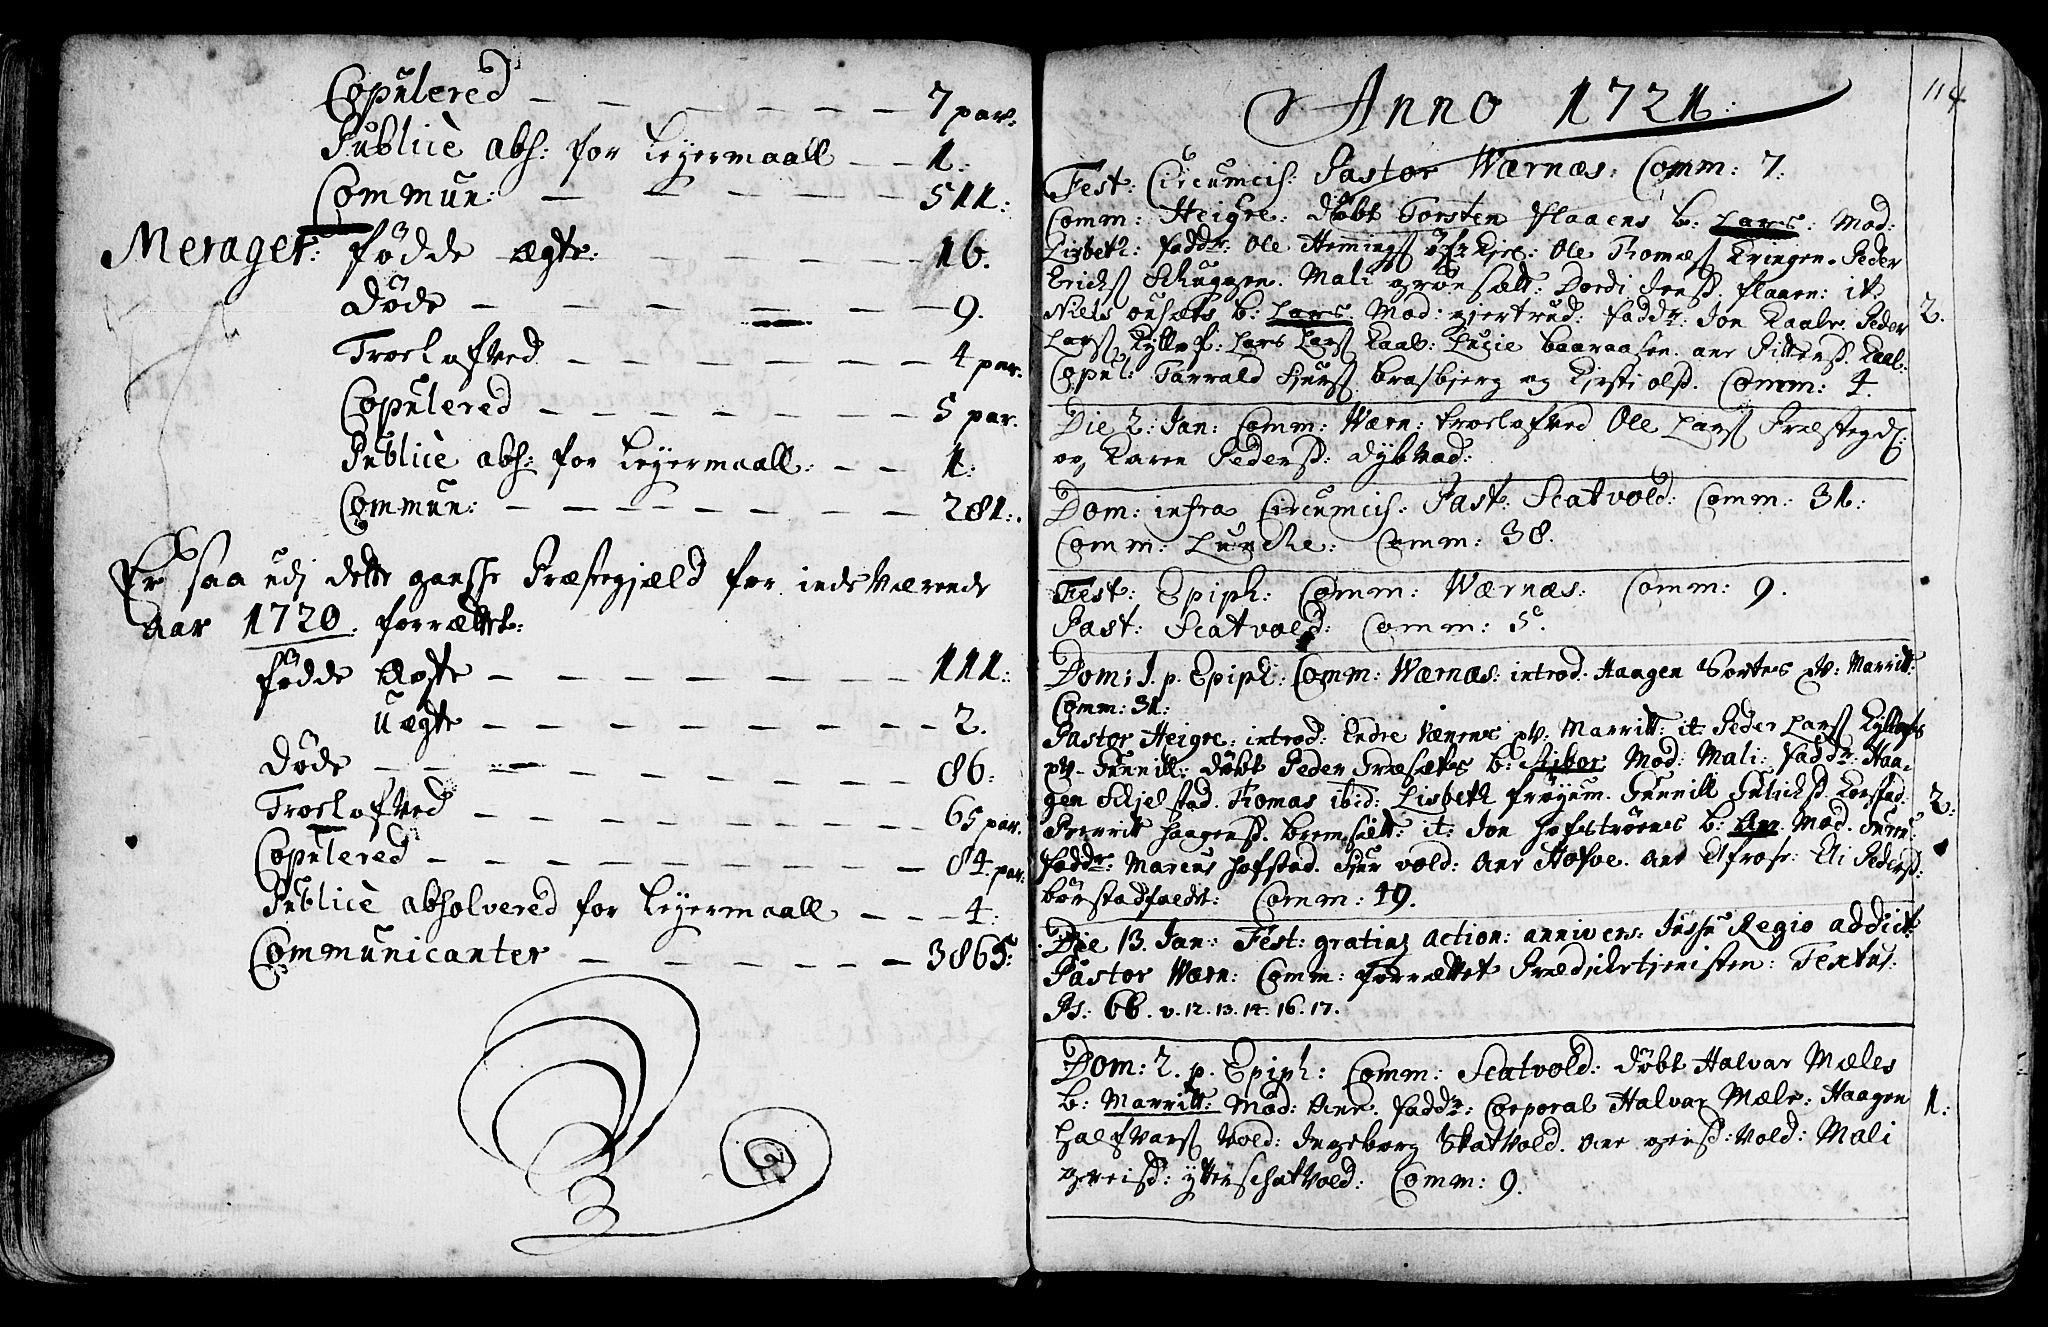 SAT, Ministerialprotokoller, klokkerbøker og fødselsregistre - Nord-Trøndelag, 709/L0054: Ministerialbok nr. 709A02, 1714-1738, s. 113-114